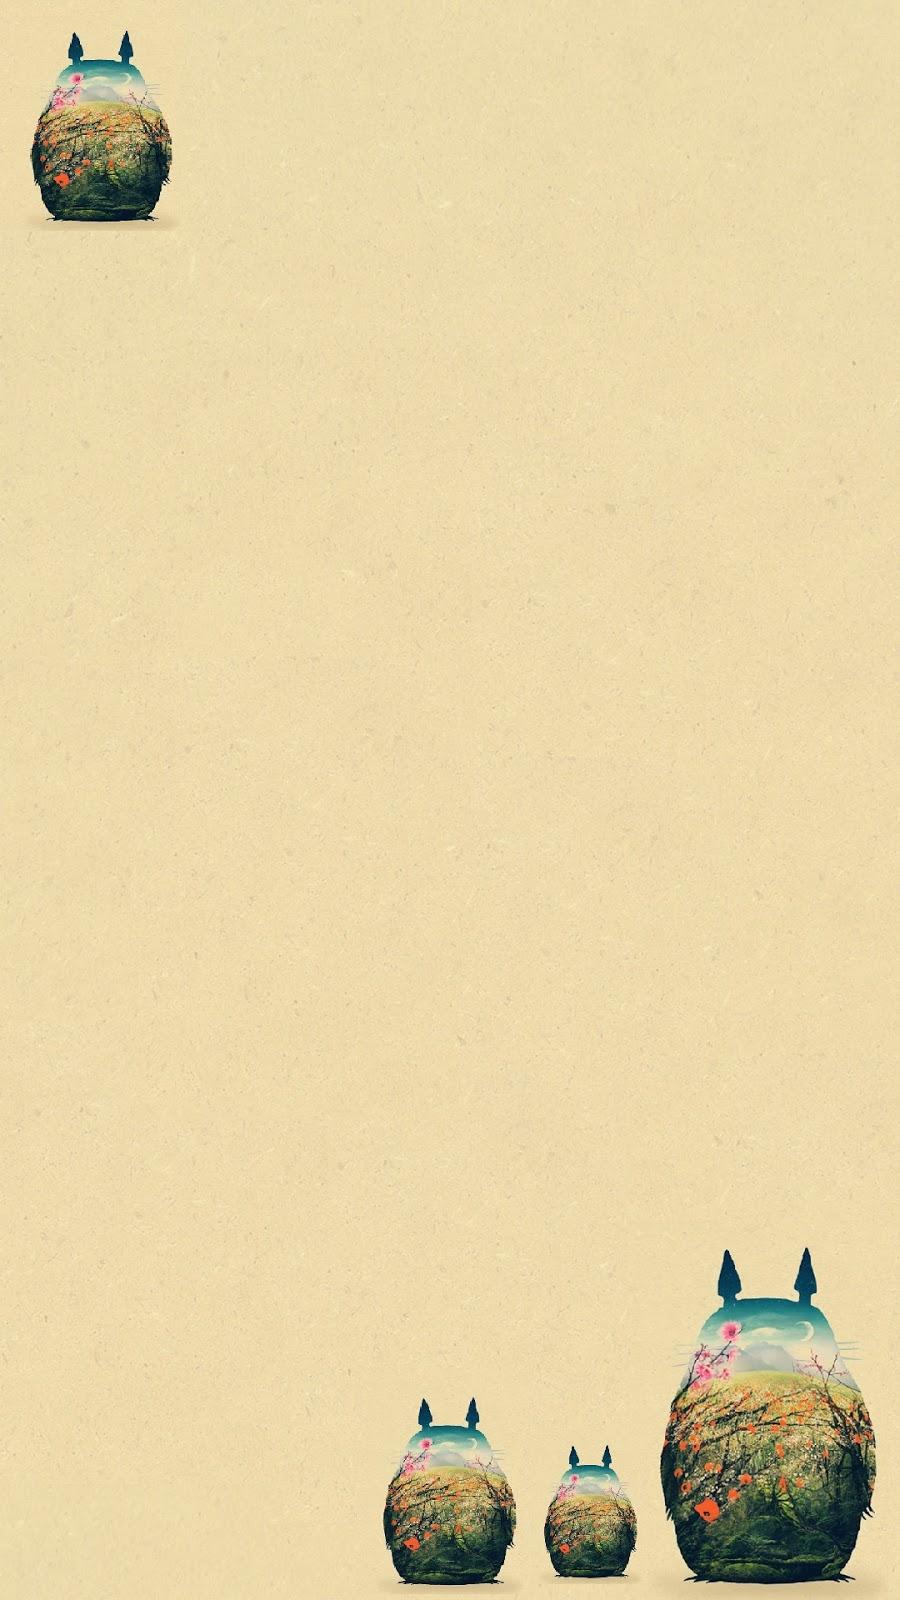 হেমন্তে লেখা পদাবলি-২